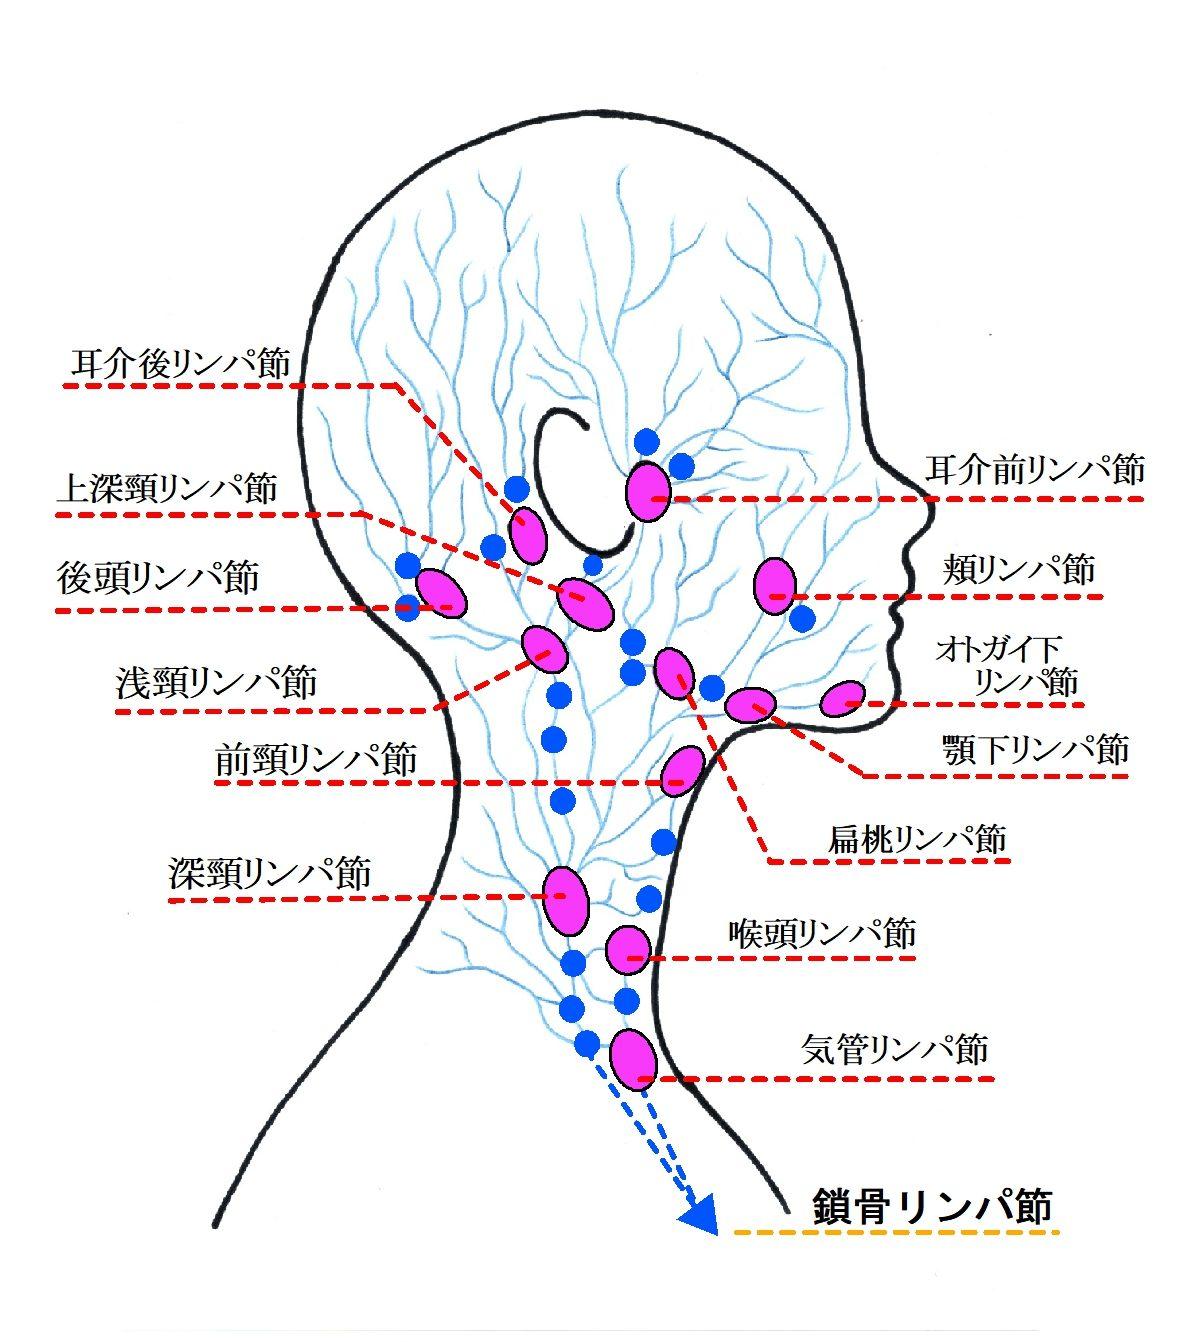 リンパ節とリンパ管の仕組み